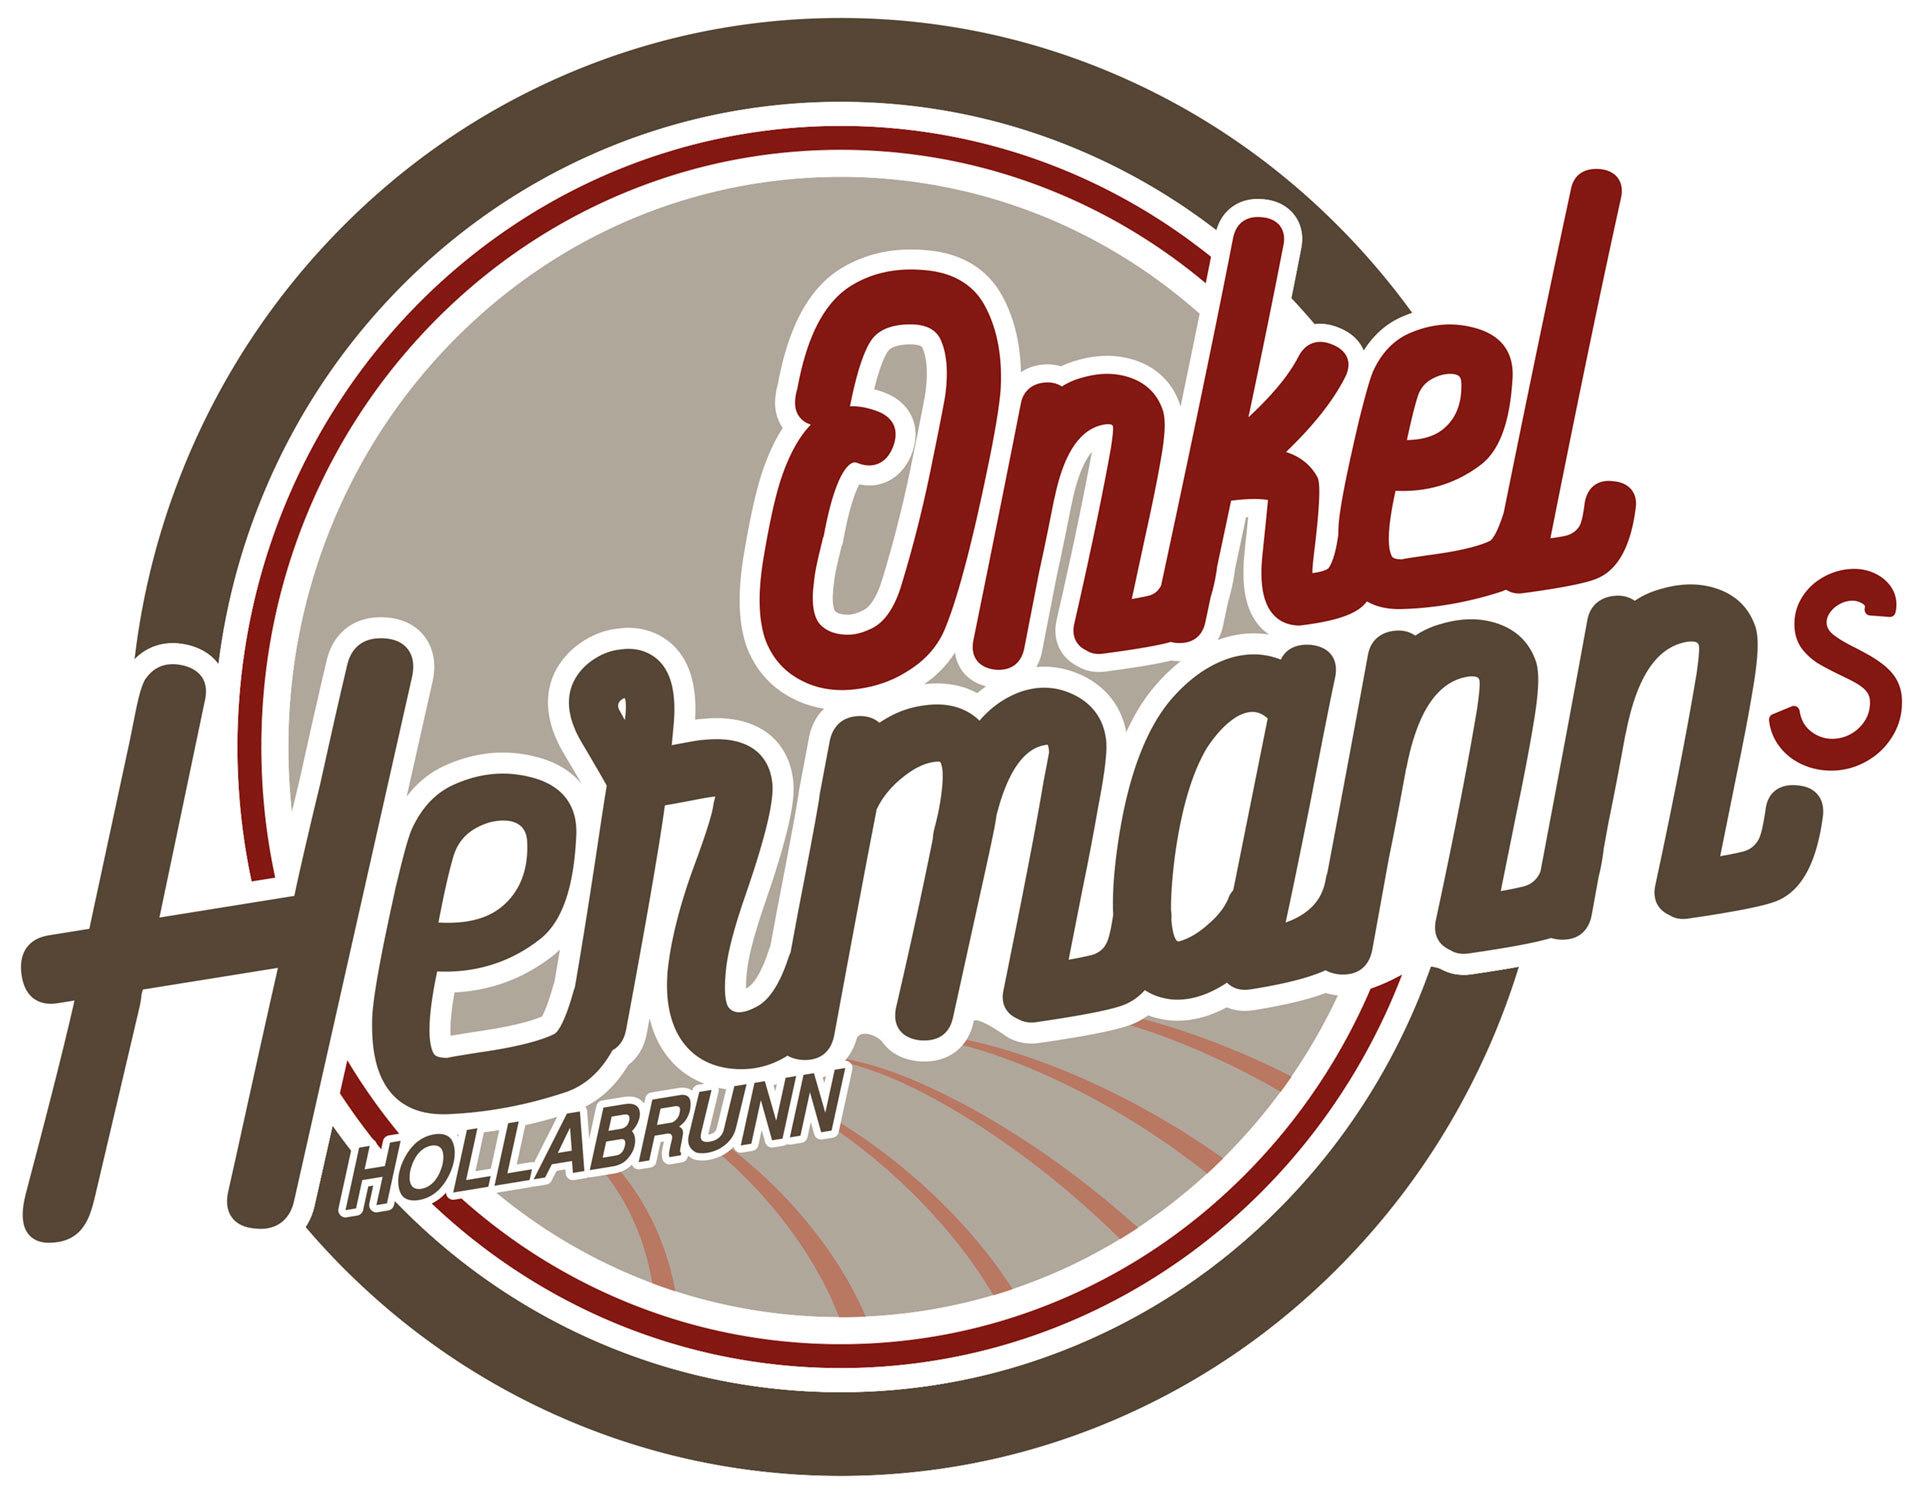 Bildmarke: Onkel Hermanns HOLLABRUNN